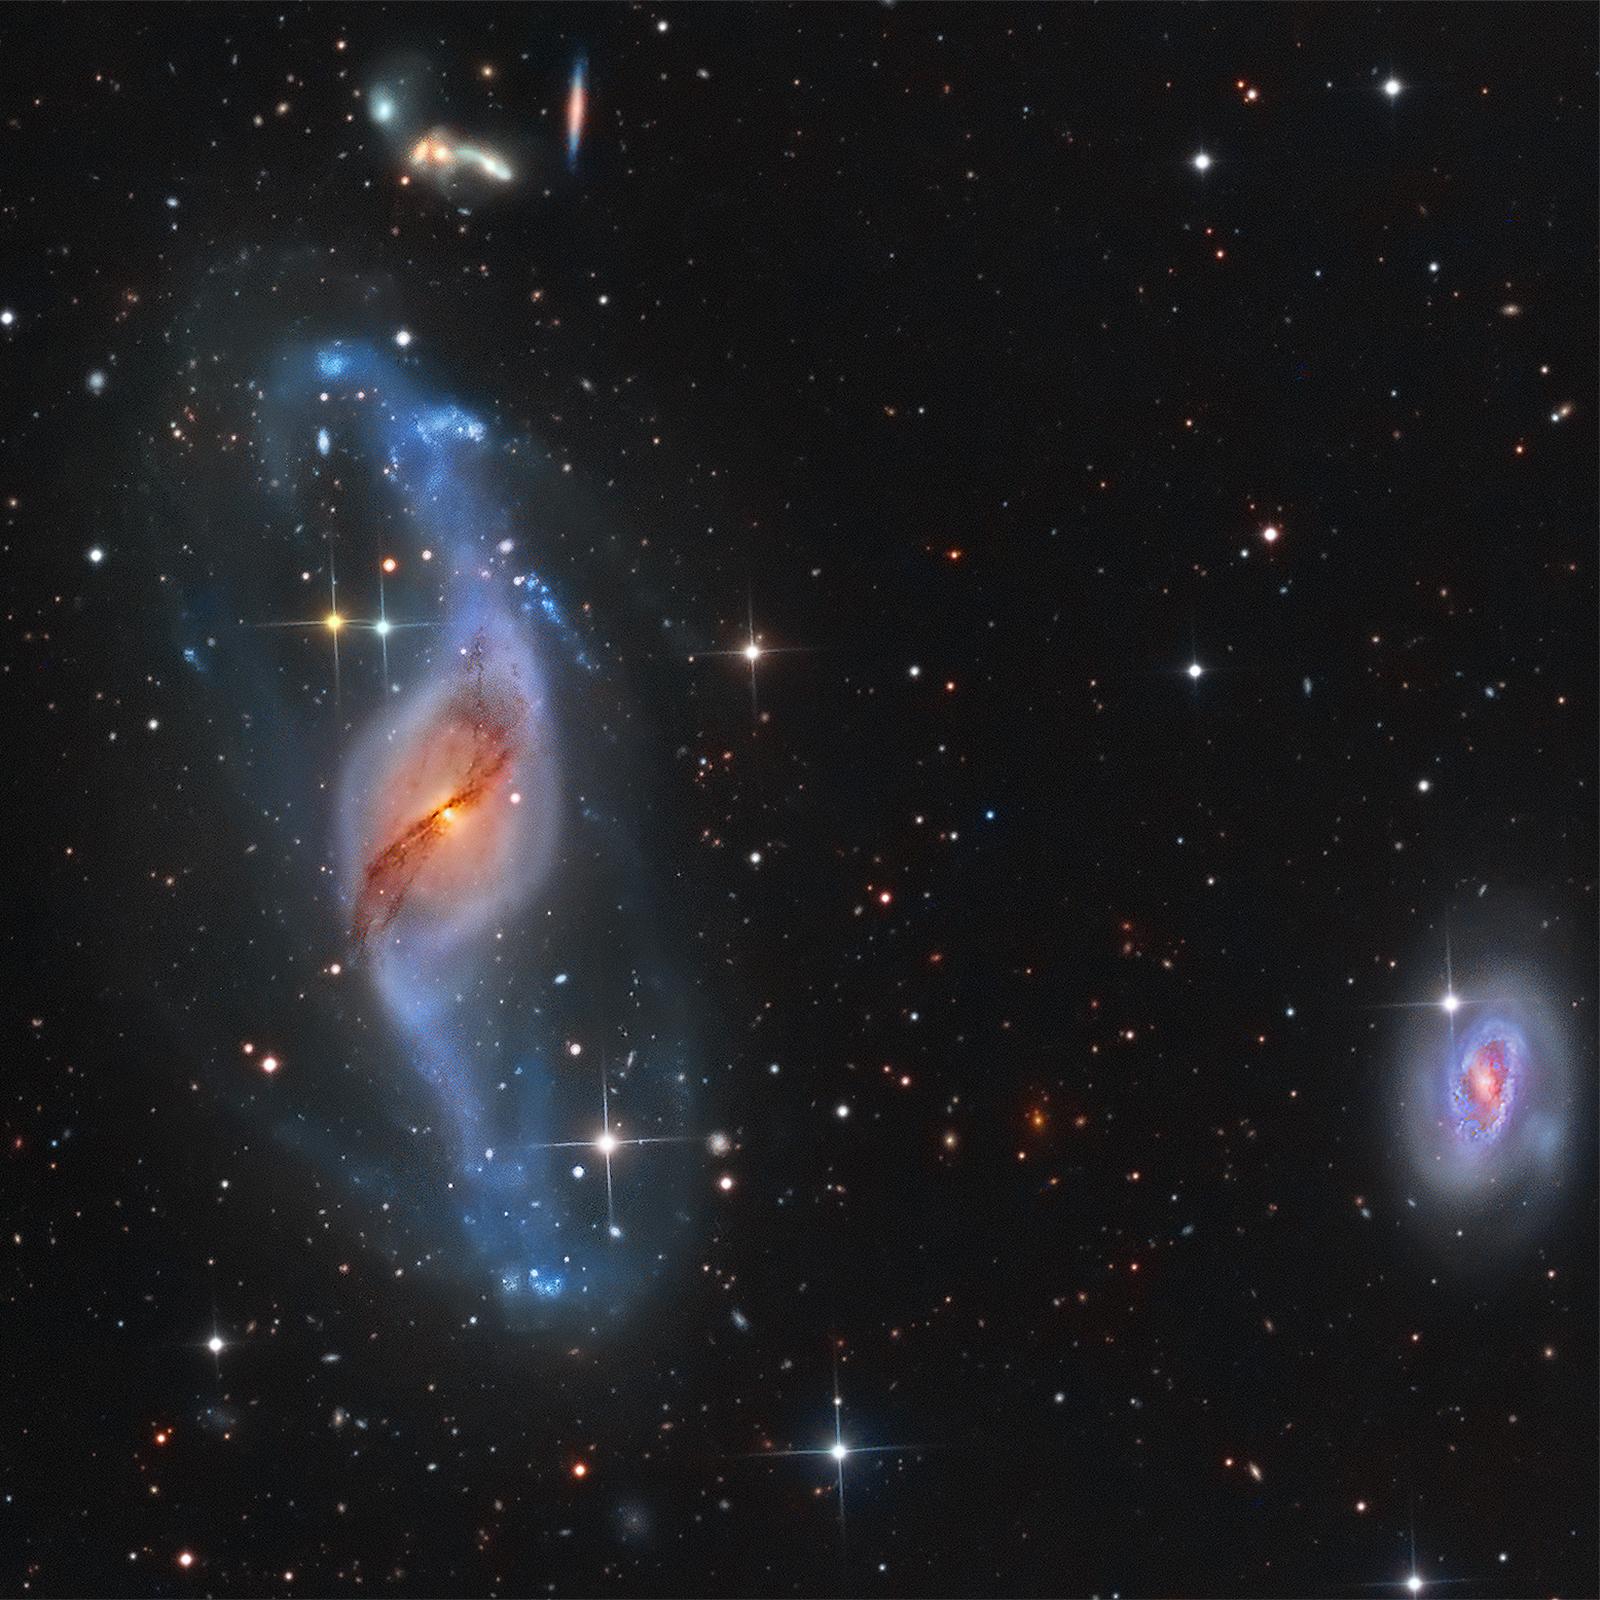 Pictures of Barred Spiral Elliptical - 3033.0KB